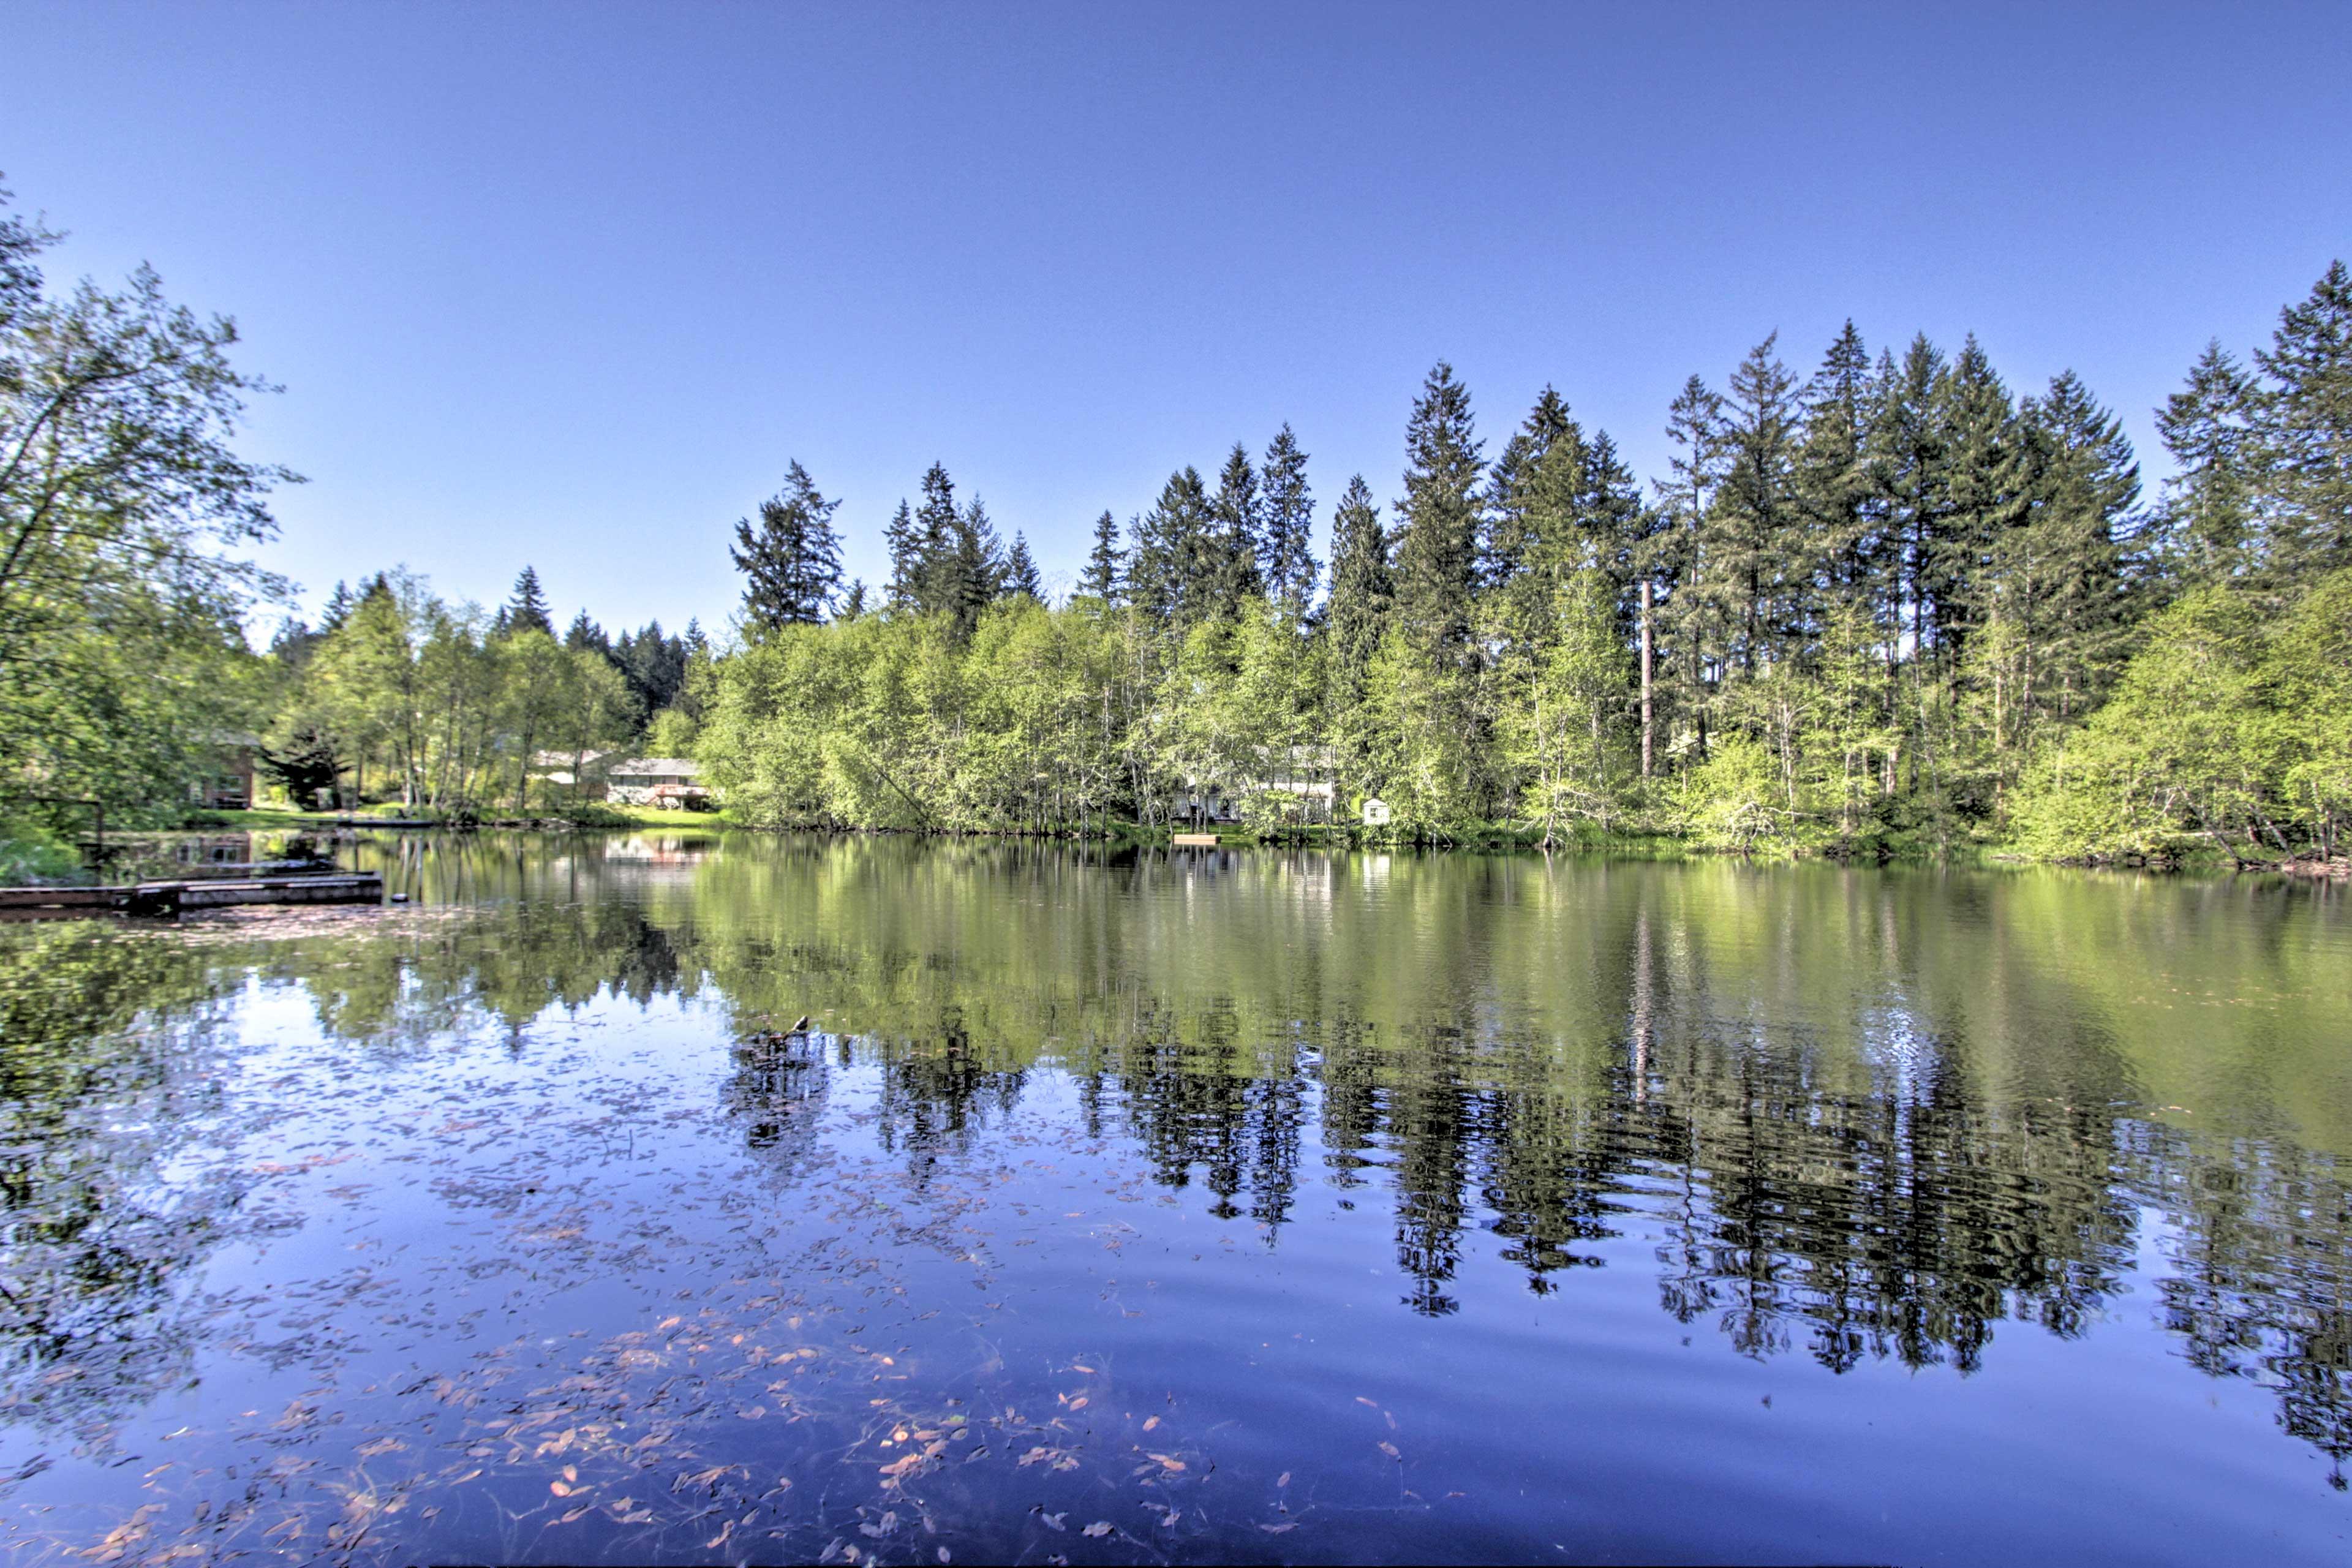 Your family lake retreat awaits!